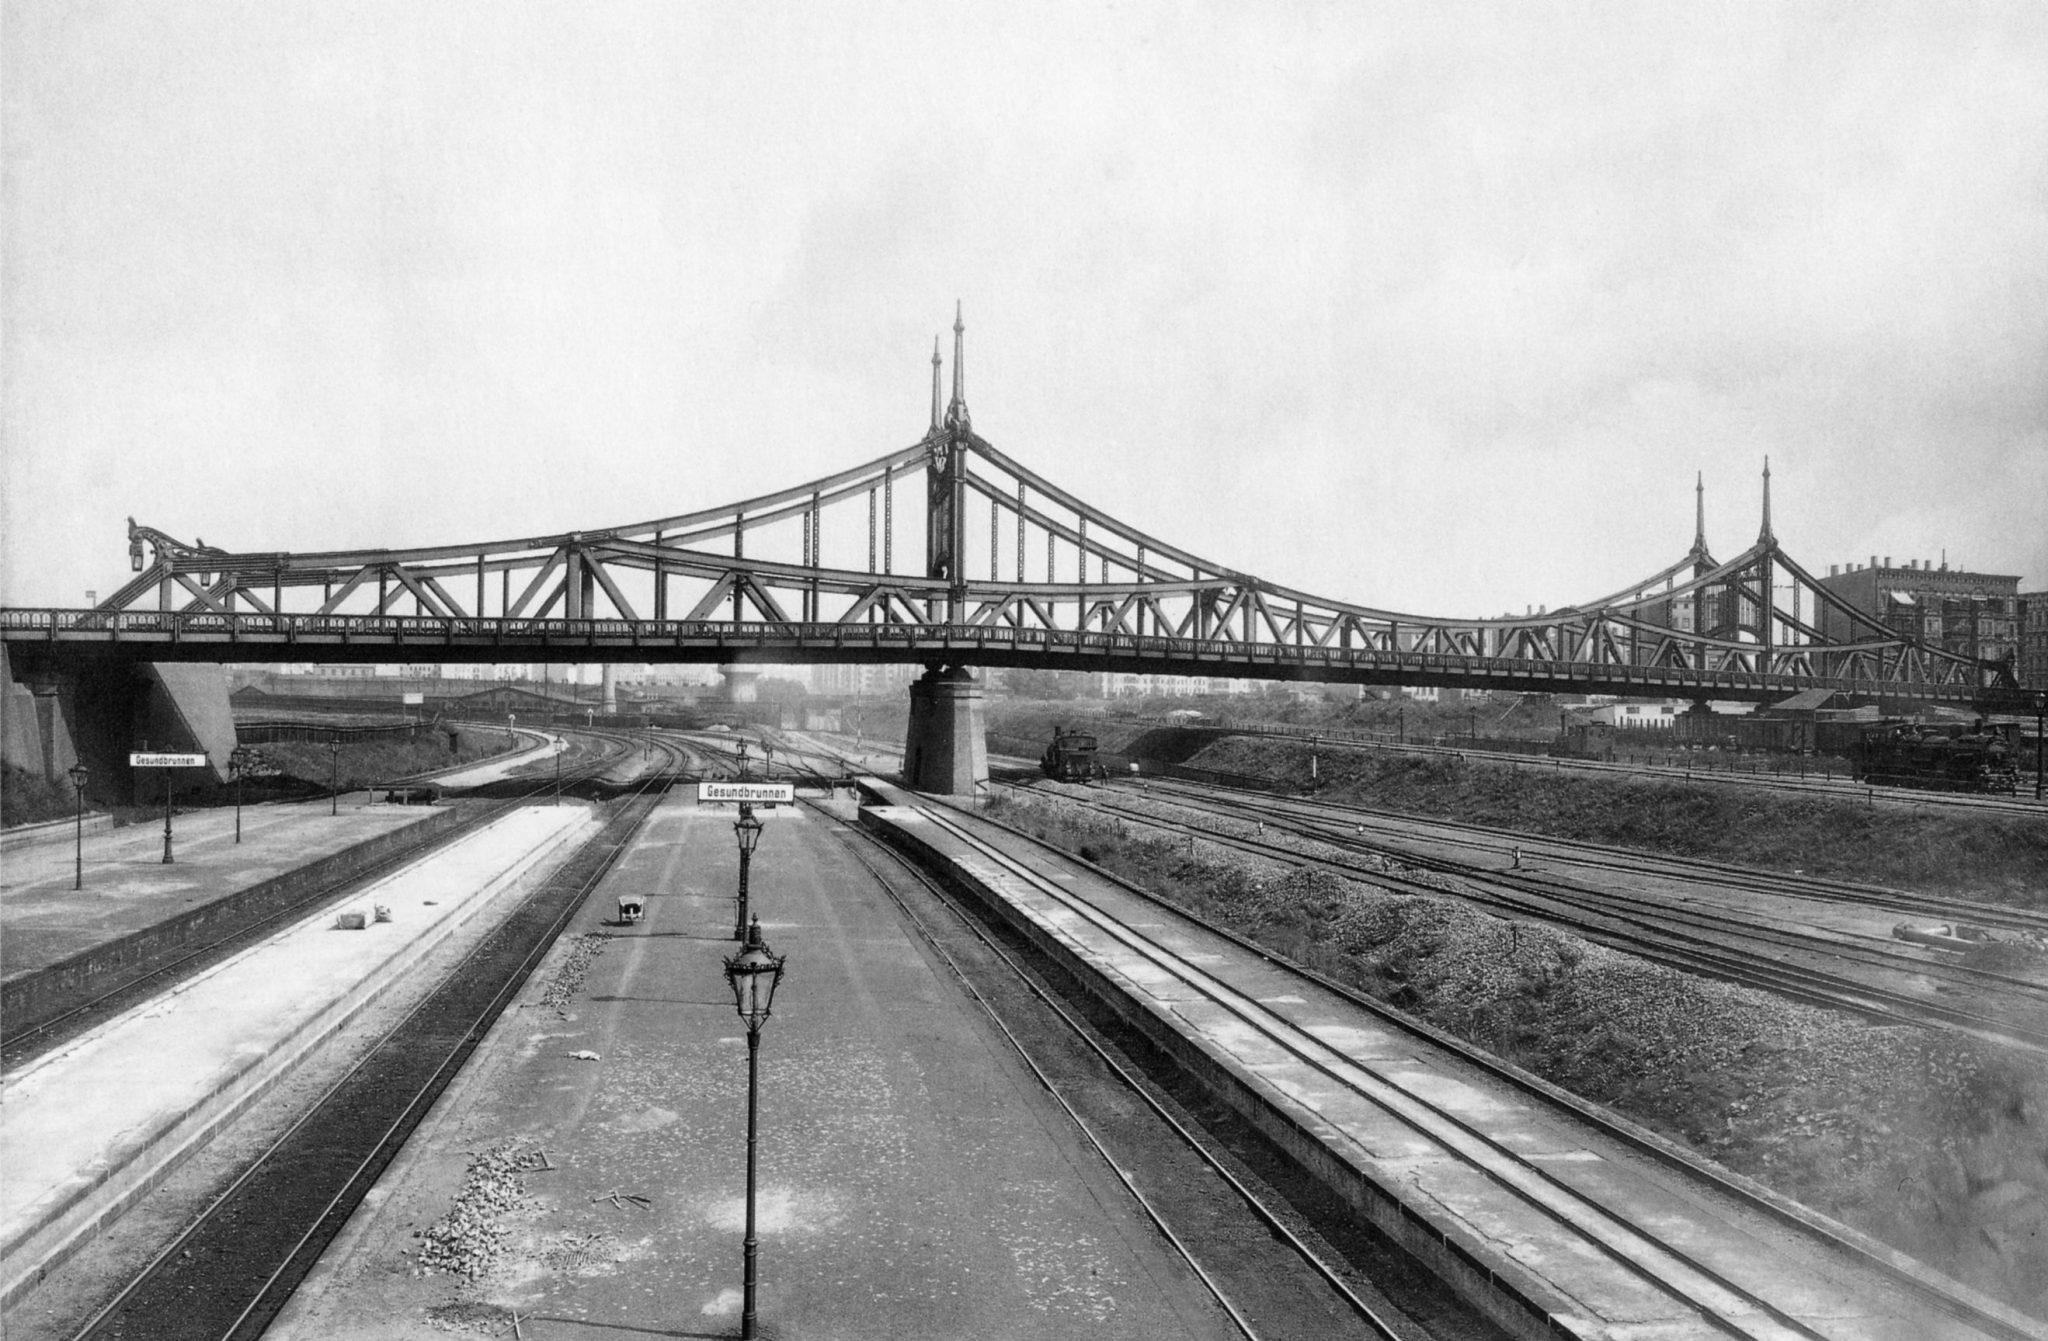 Hermann_Rückwardt_-_Swinemünder_Brücke,_1906